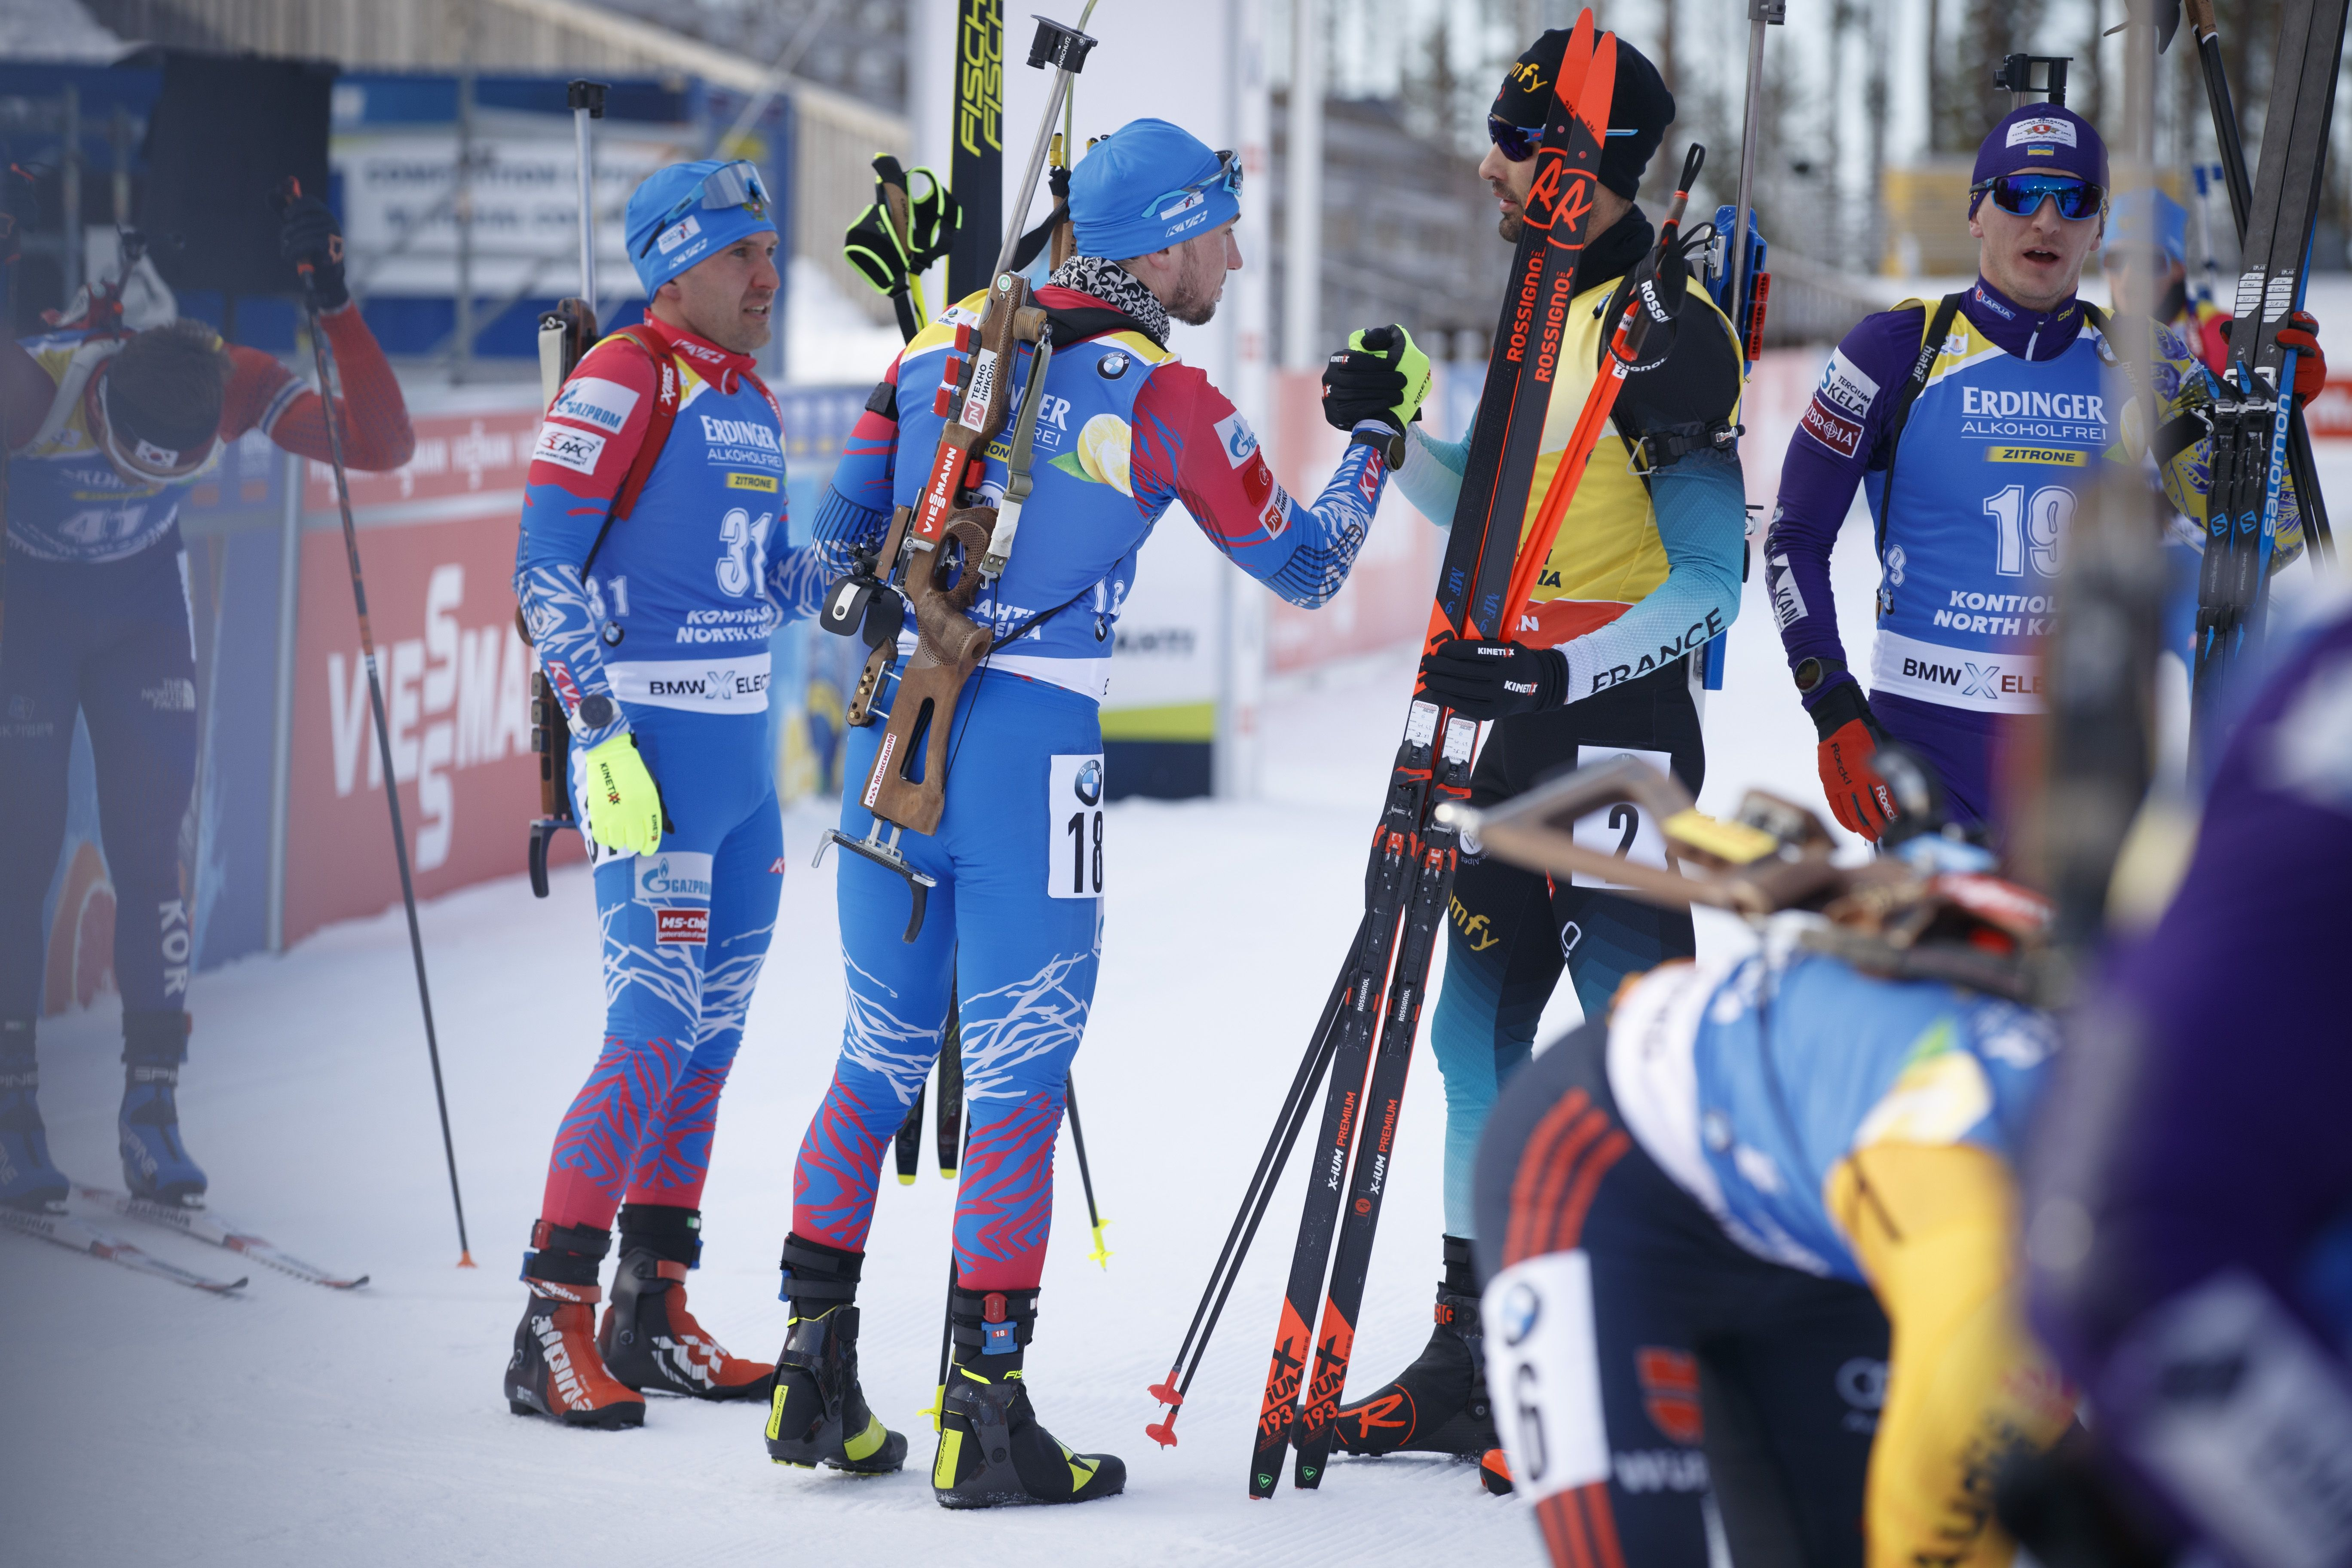 IBU подтвердил отсутствие заражённых биатлонистов в сборной России